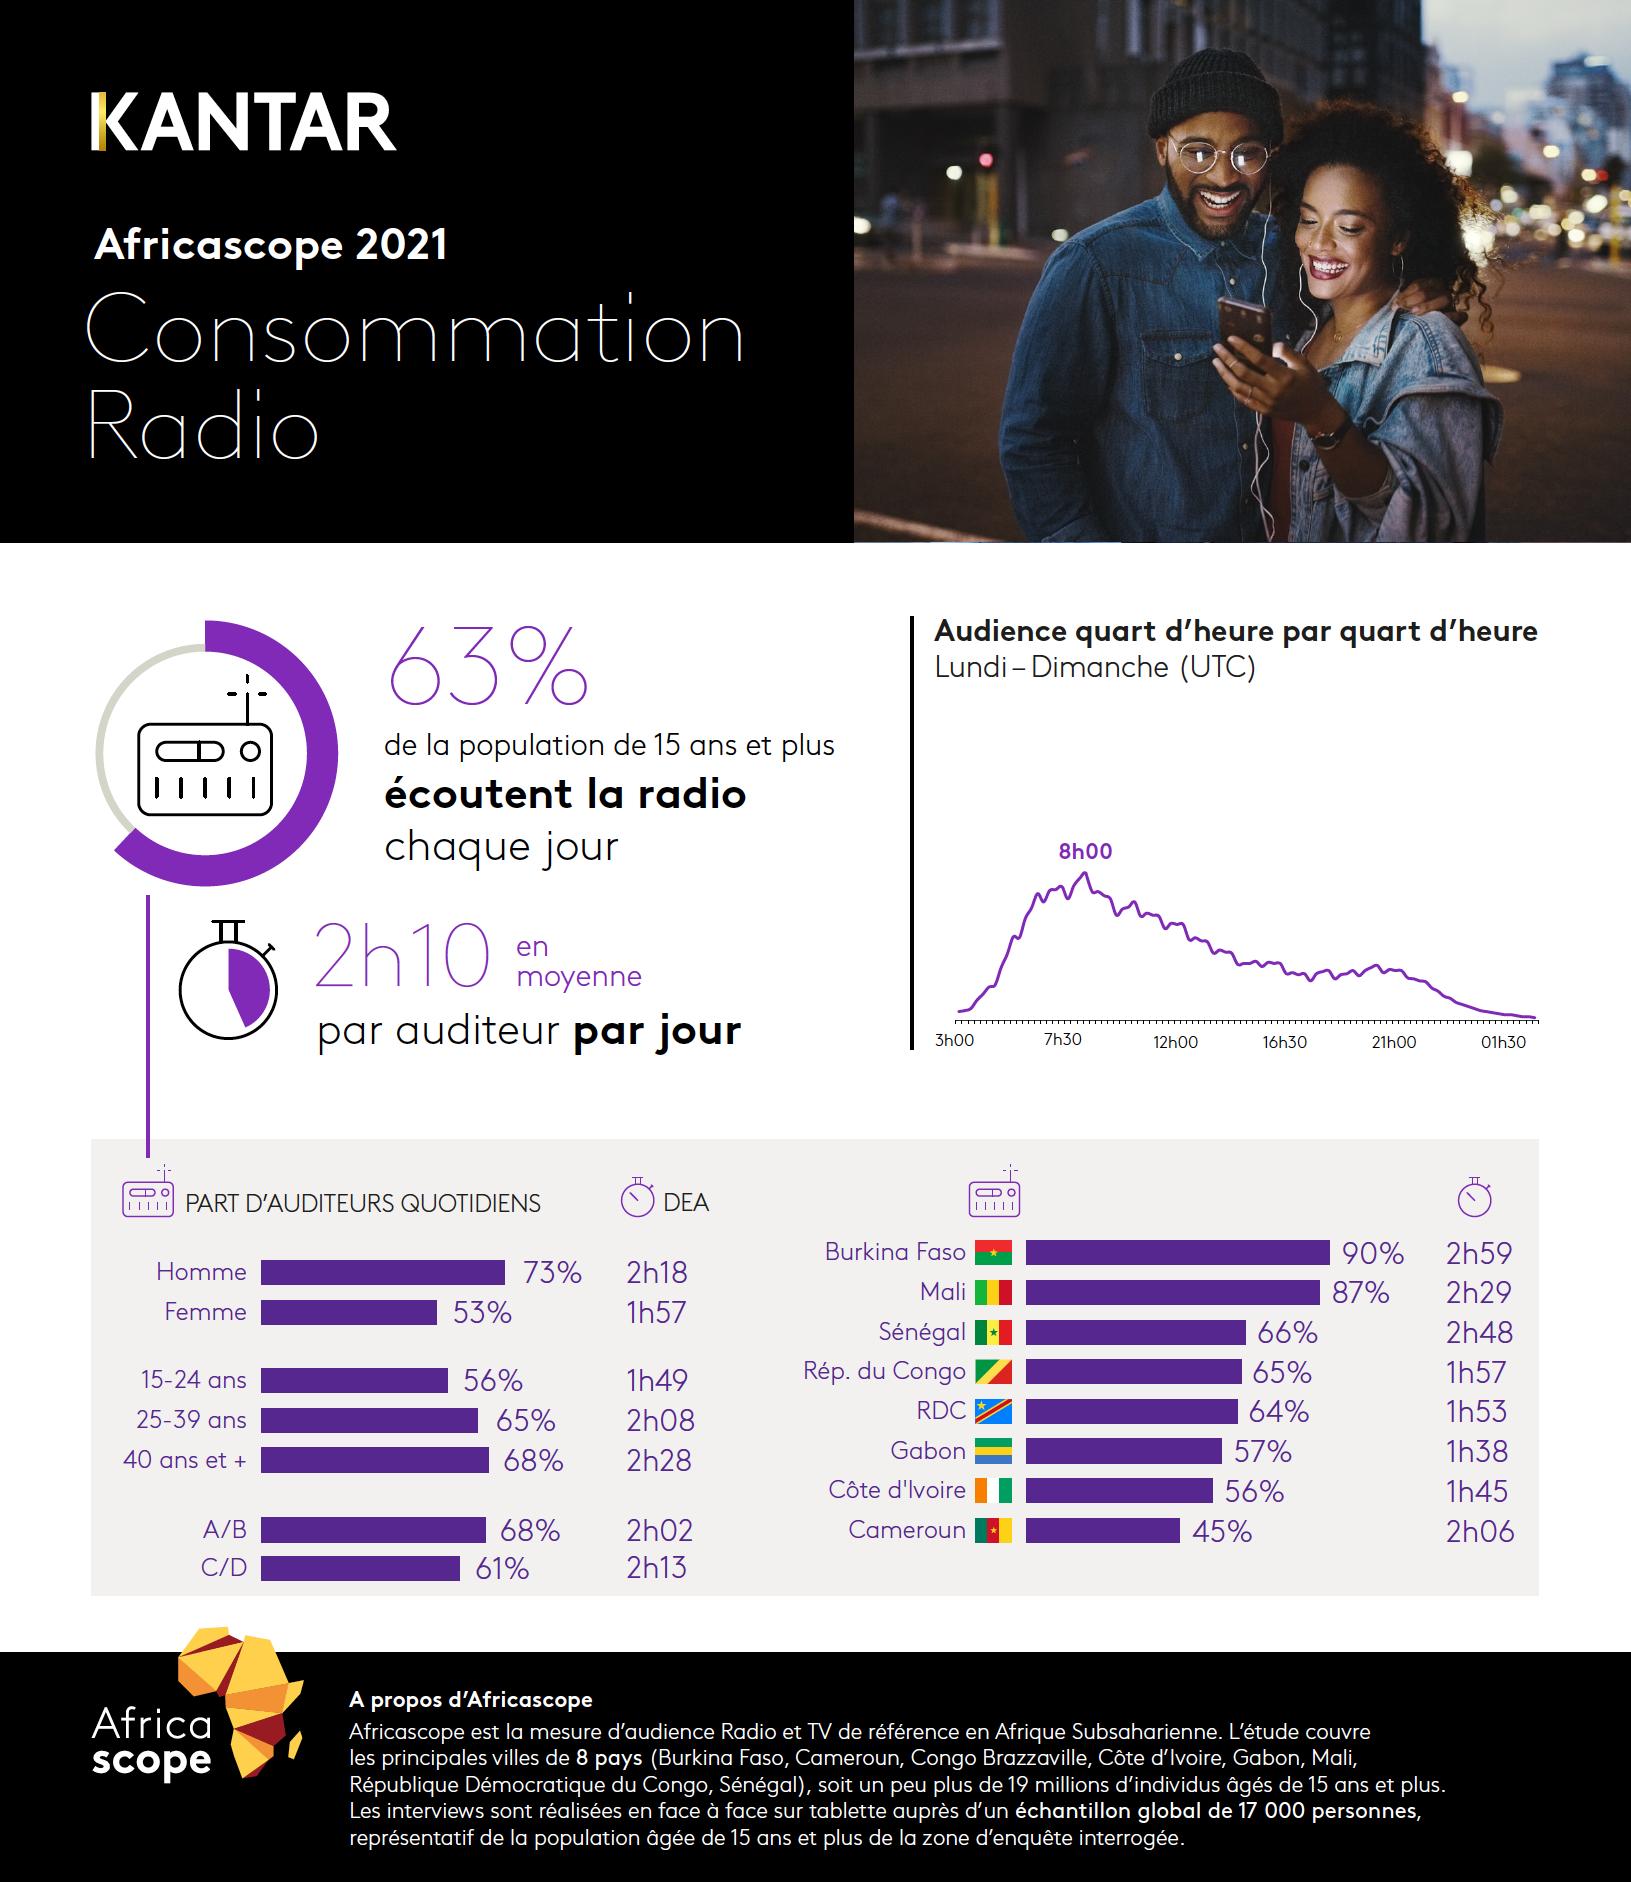 Kantar publie les résultats annuels Africascope 2021